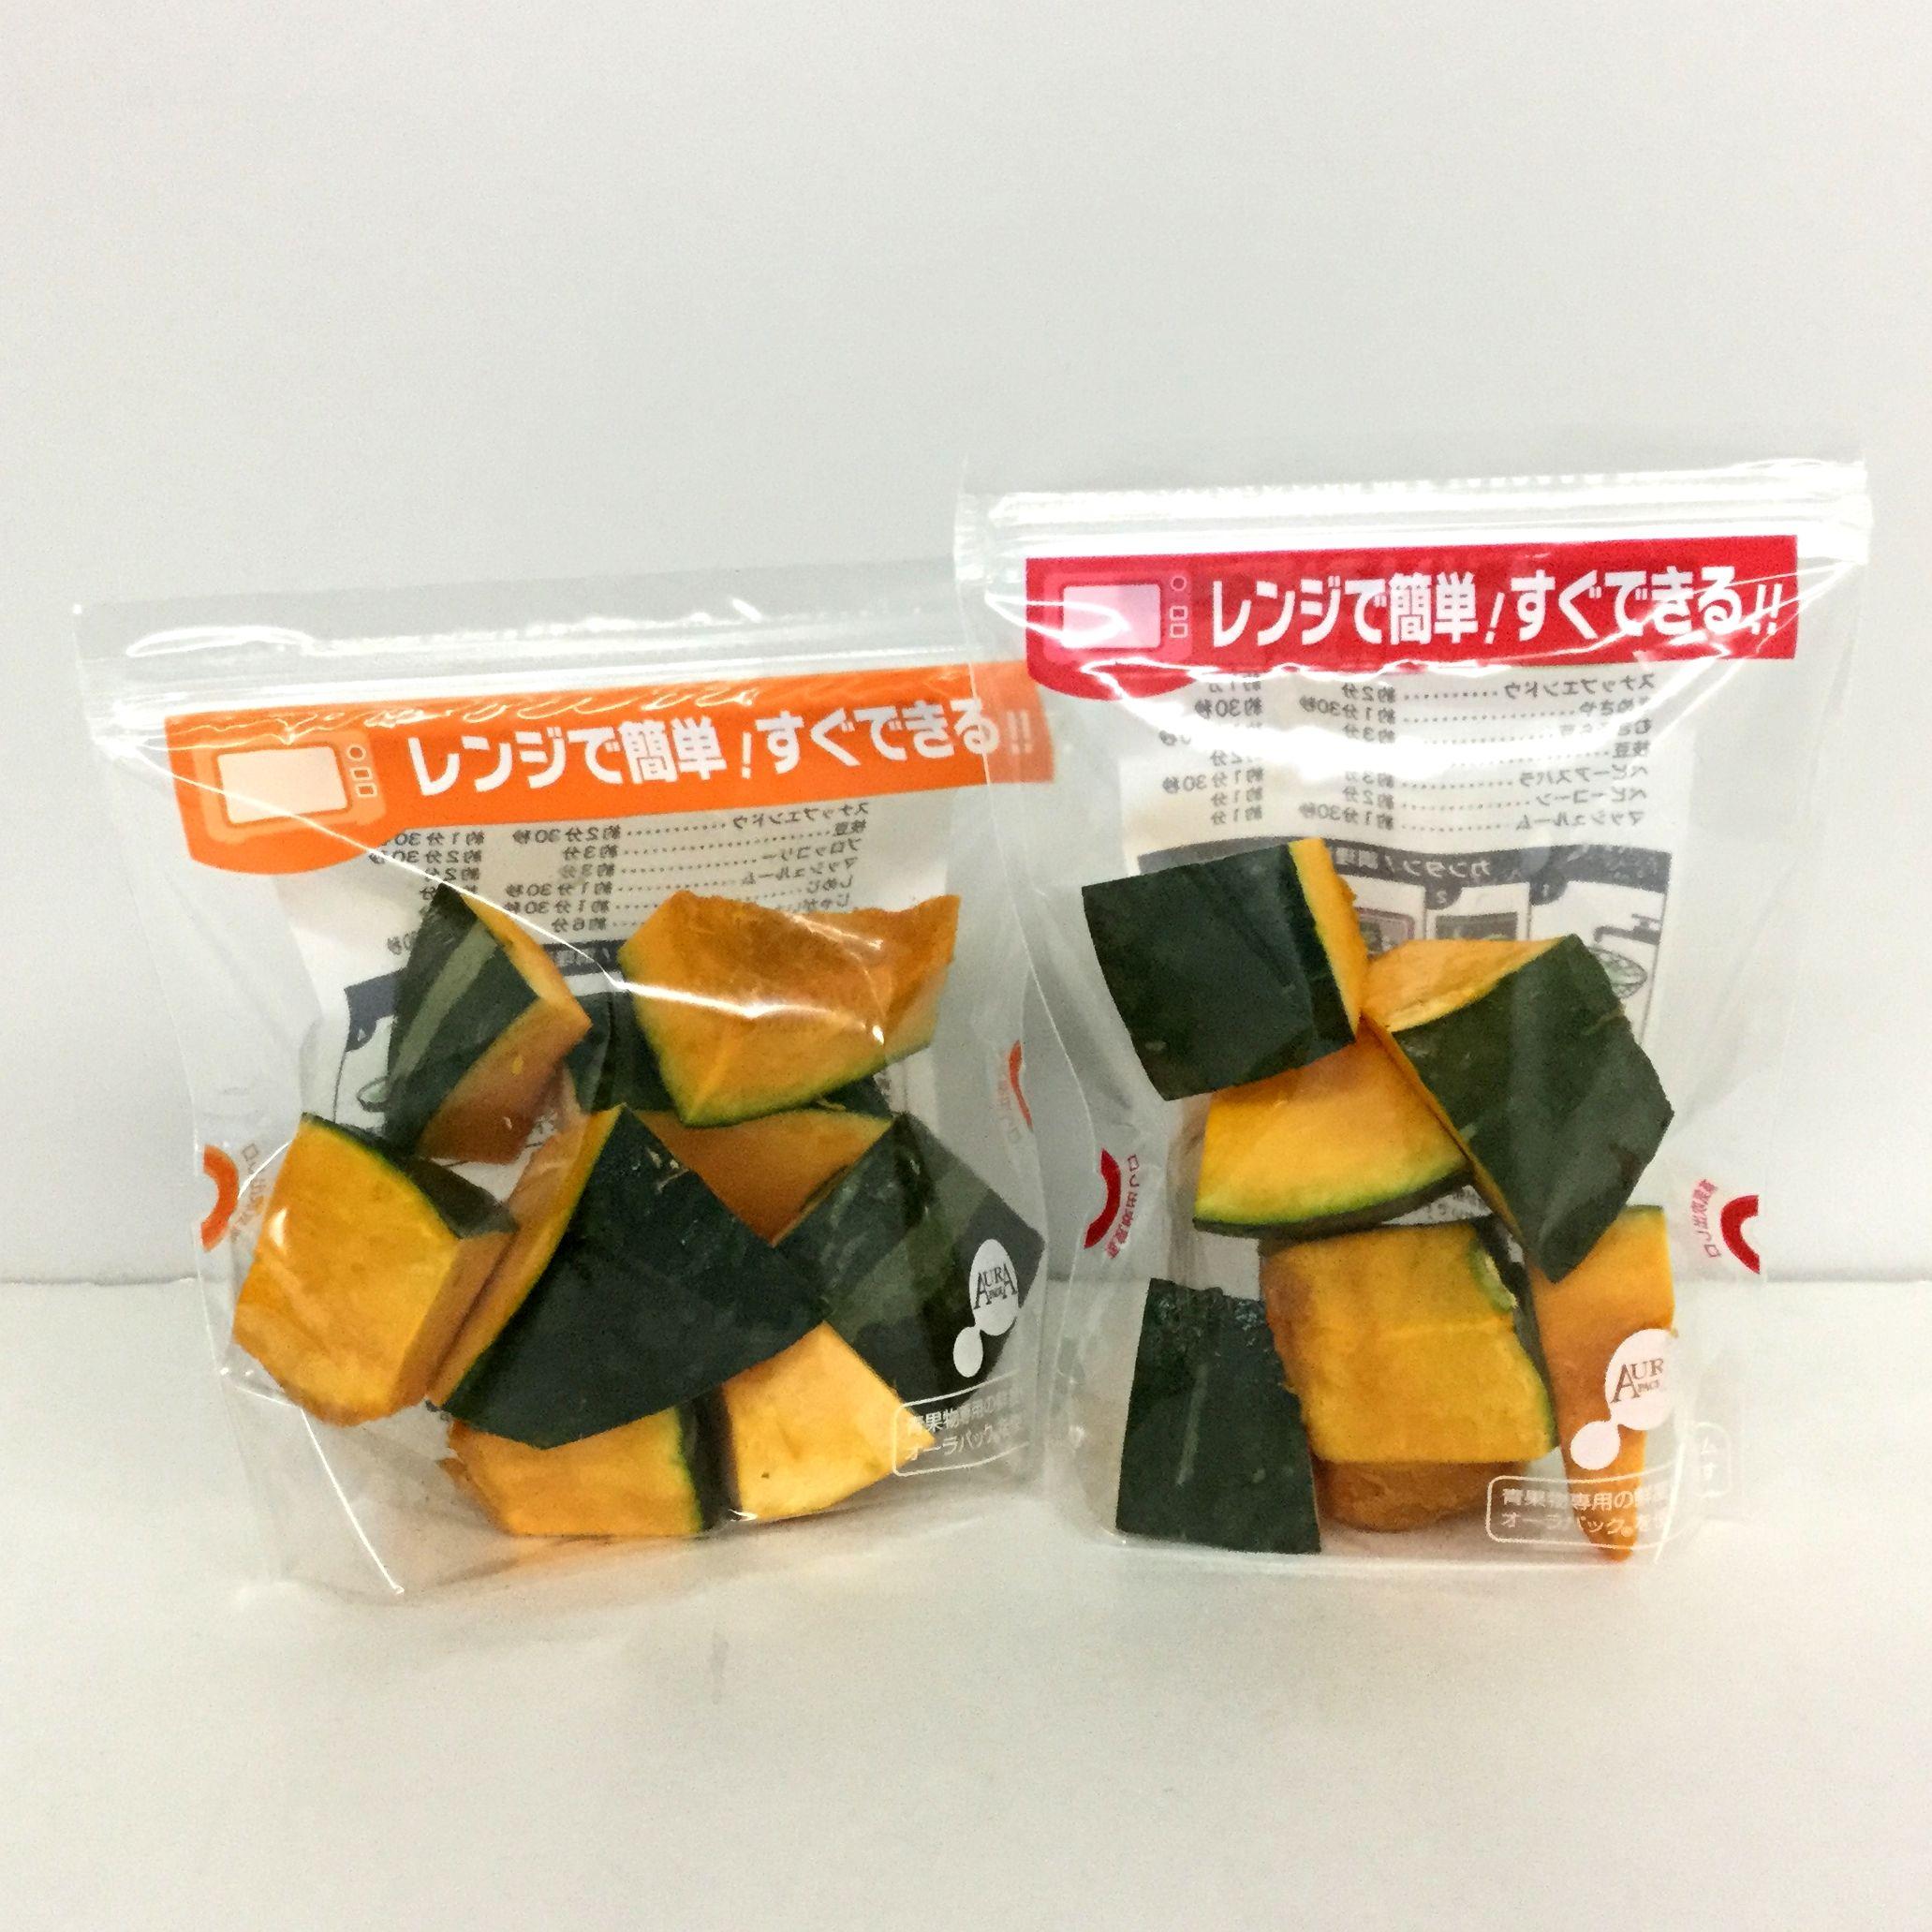 オーラパックすぐ食べレンジシリーズ